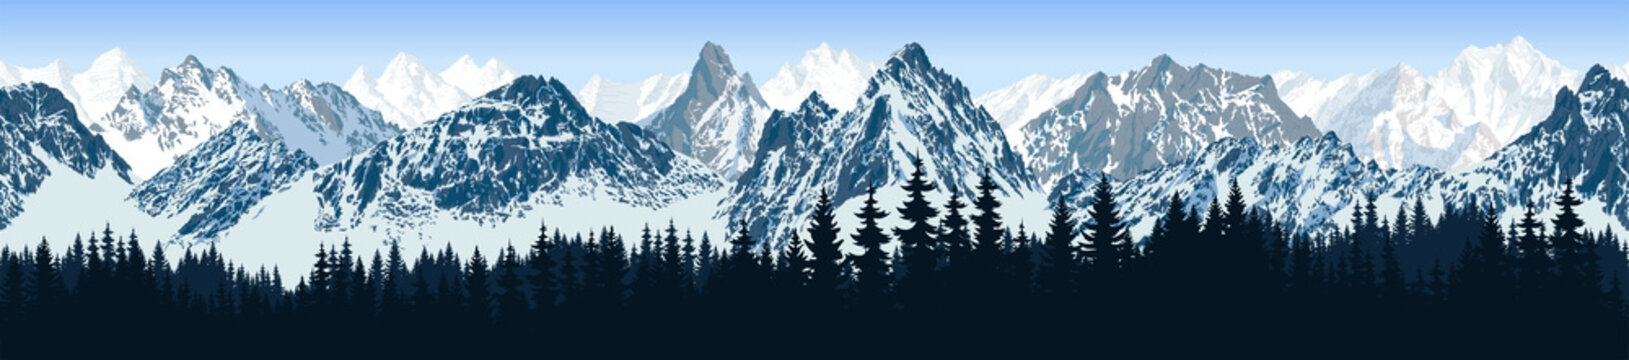 vector seamless mountains karakoram himalayan panorama background with forest